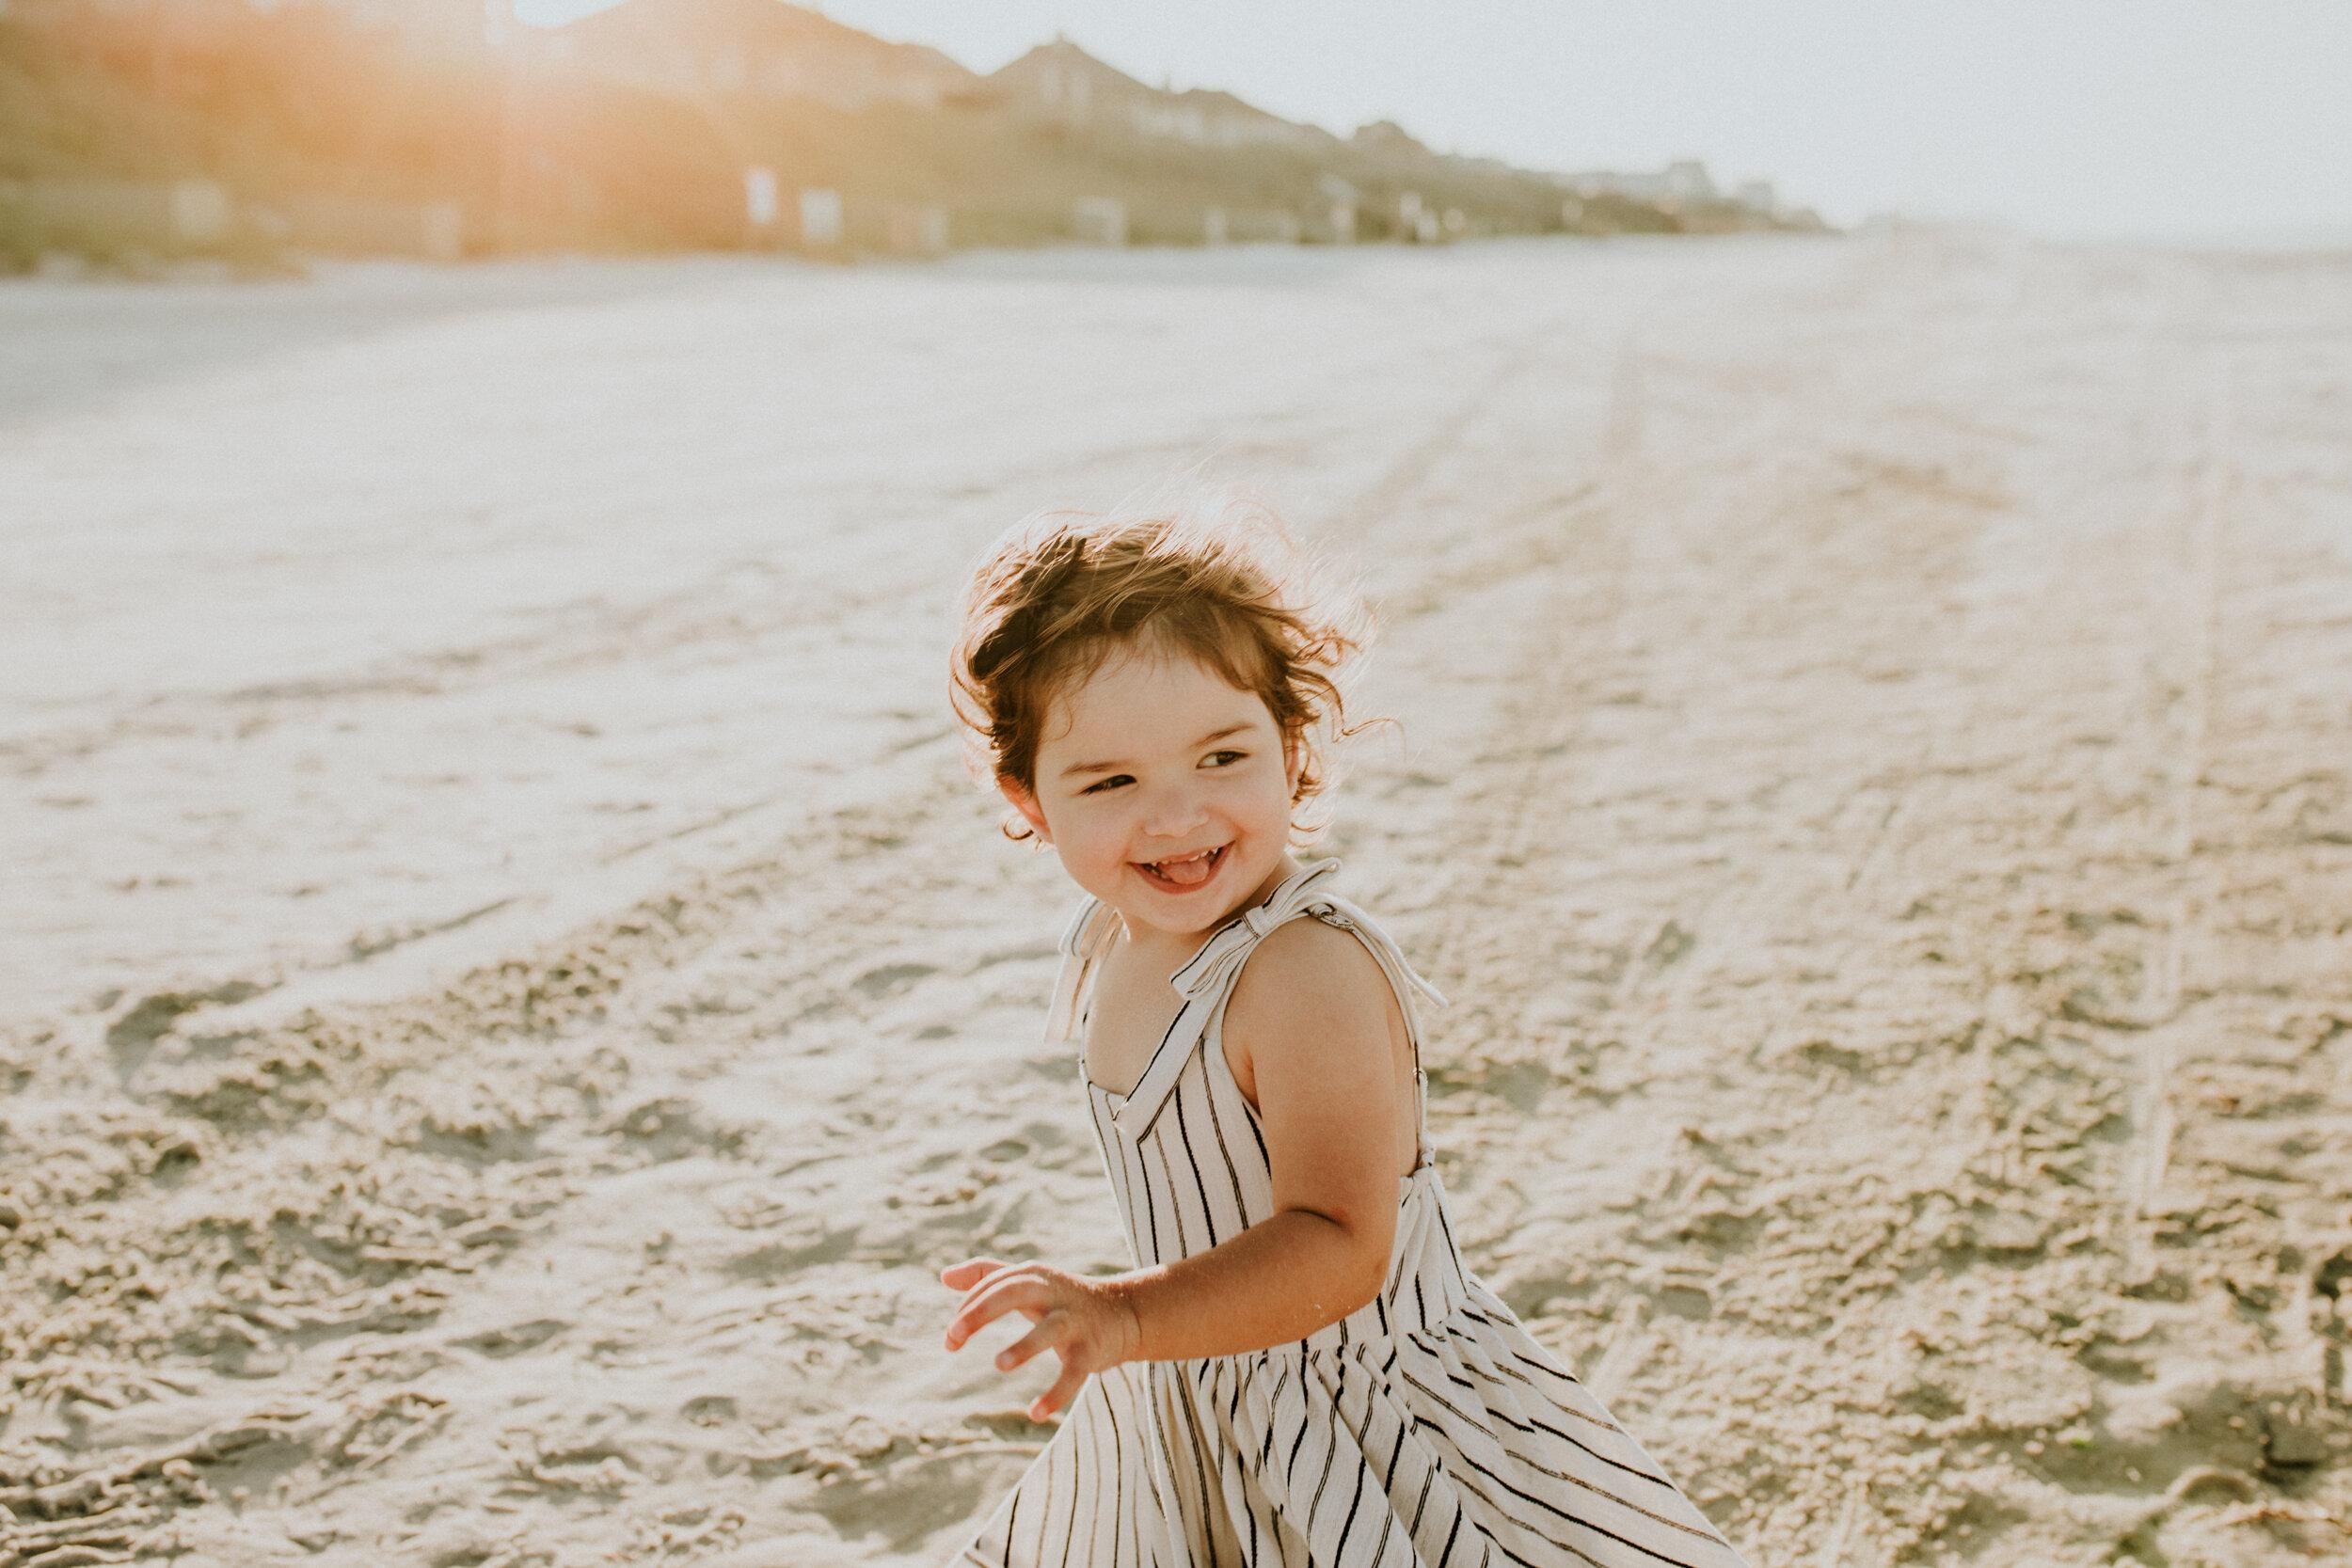 30a_Destin_Rosemary_Beach_Florida_Family_Photographer_Beach_Session-50.jpg